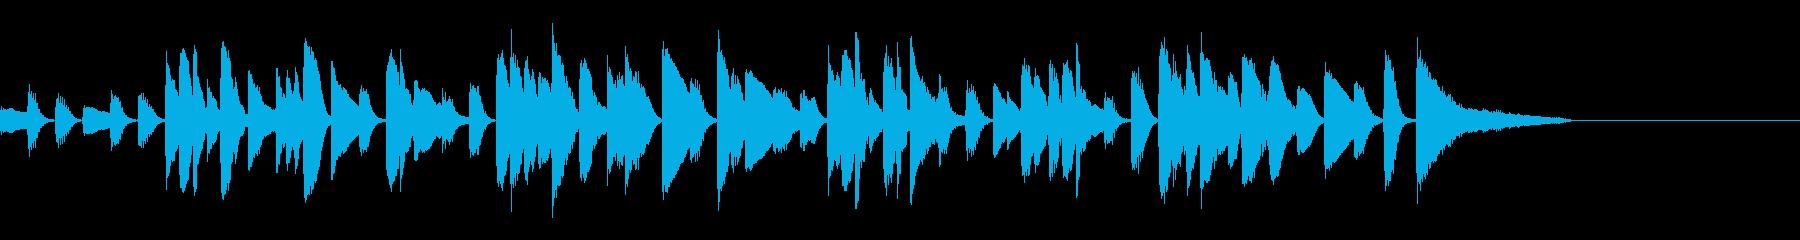 ゆったりした会話のピアノの再生済みの波形